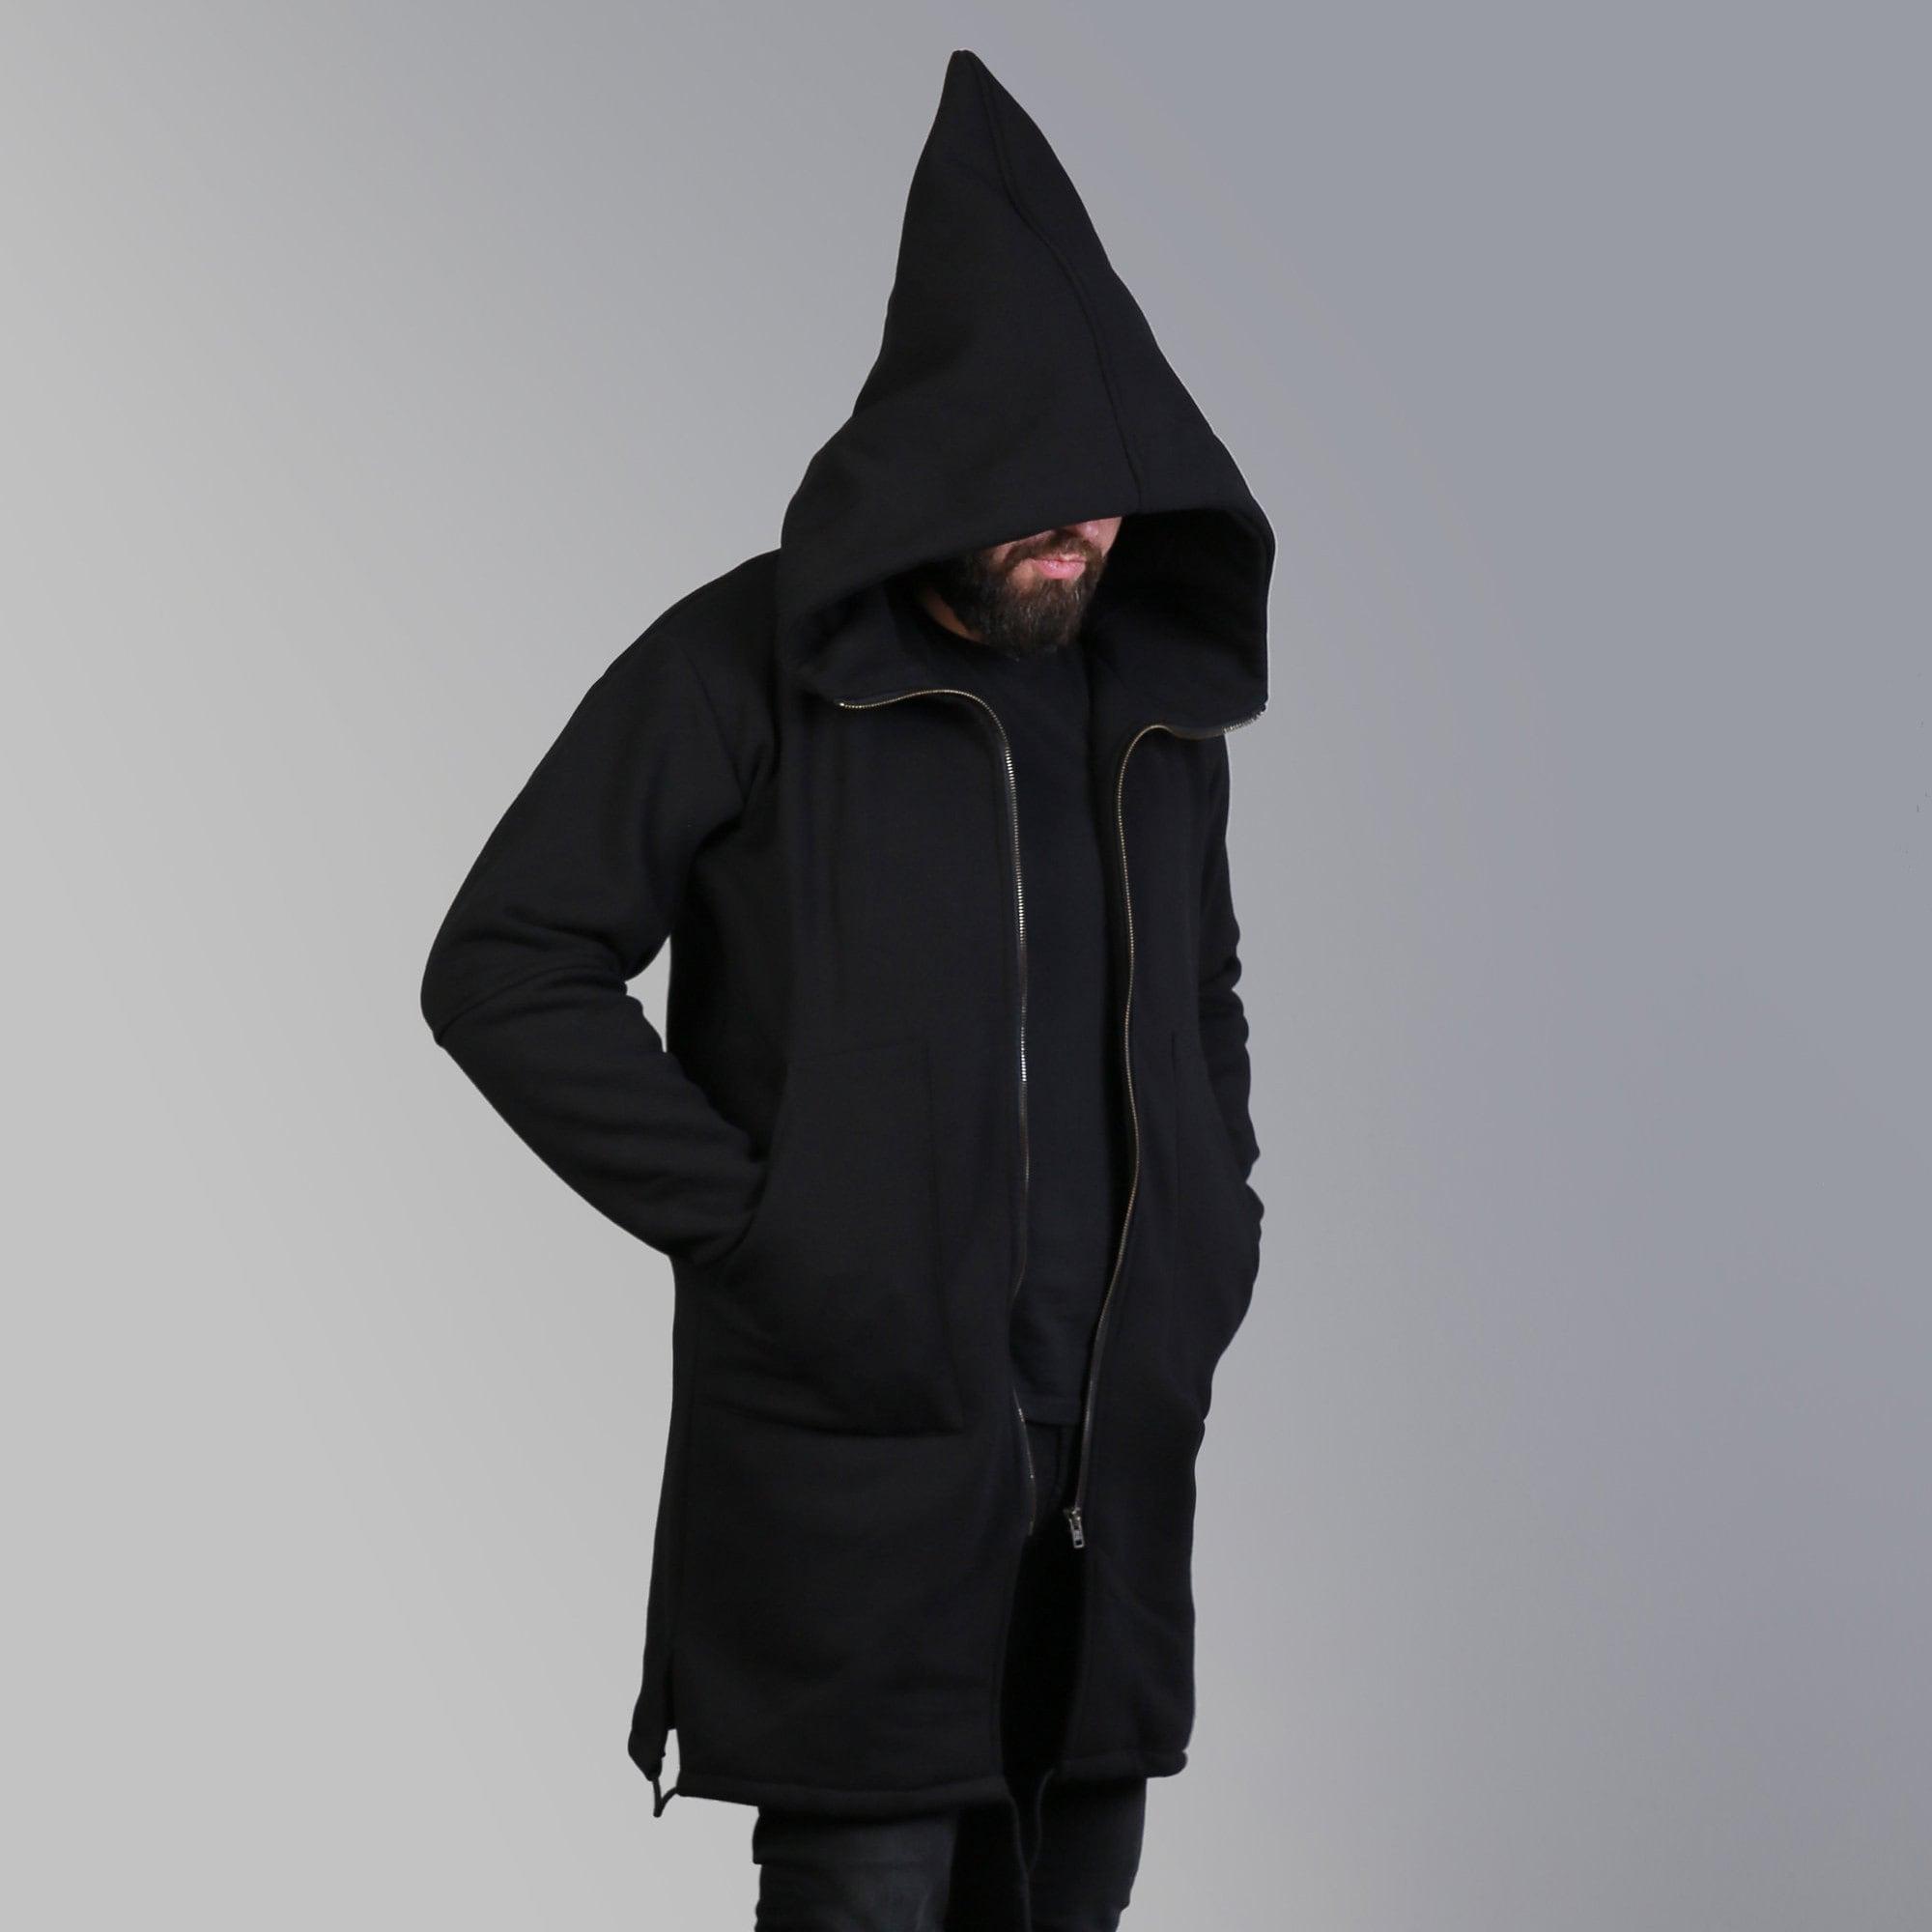 Un cadeau de Sweat pour homme, hommes, noir, hommes vêtements, manteau, 58028e5894c